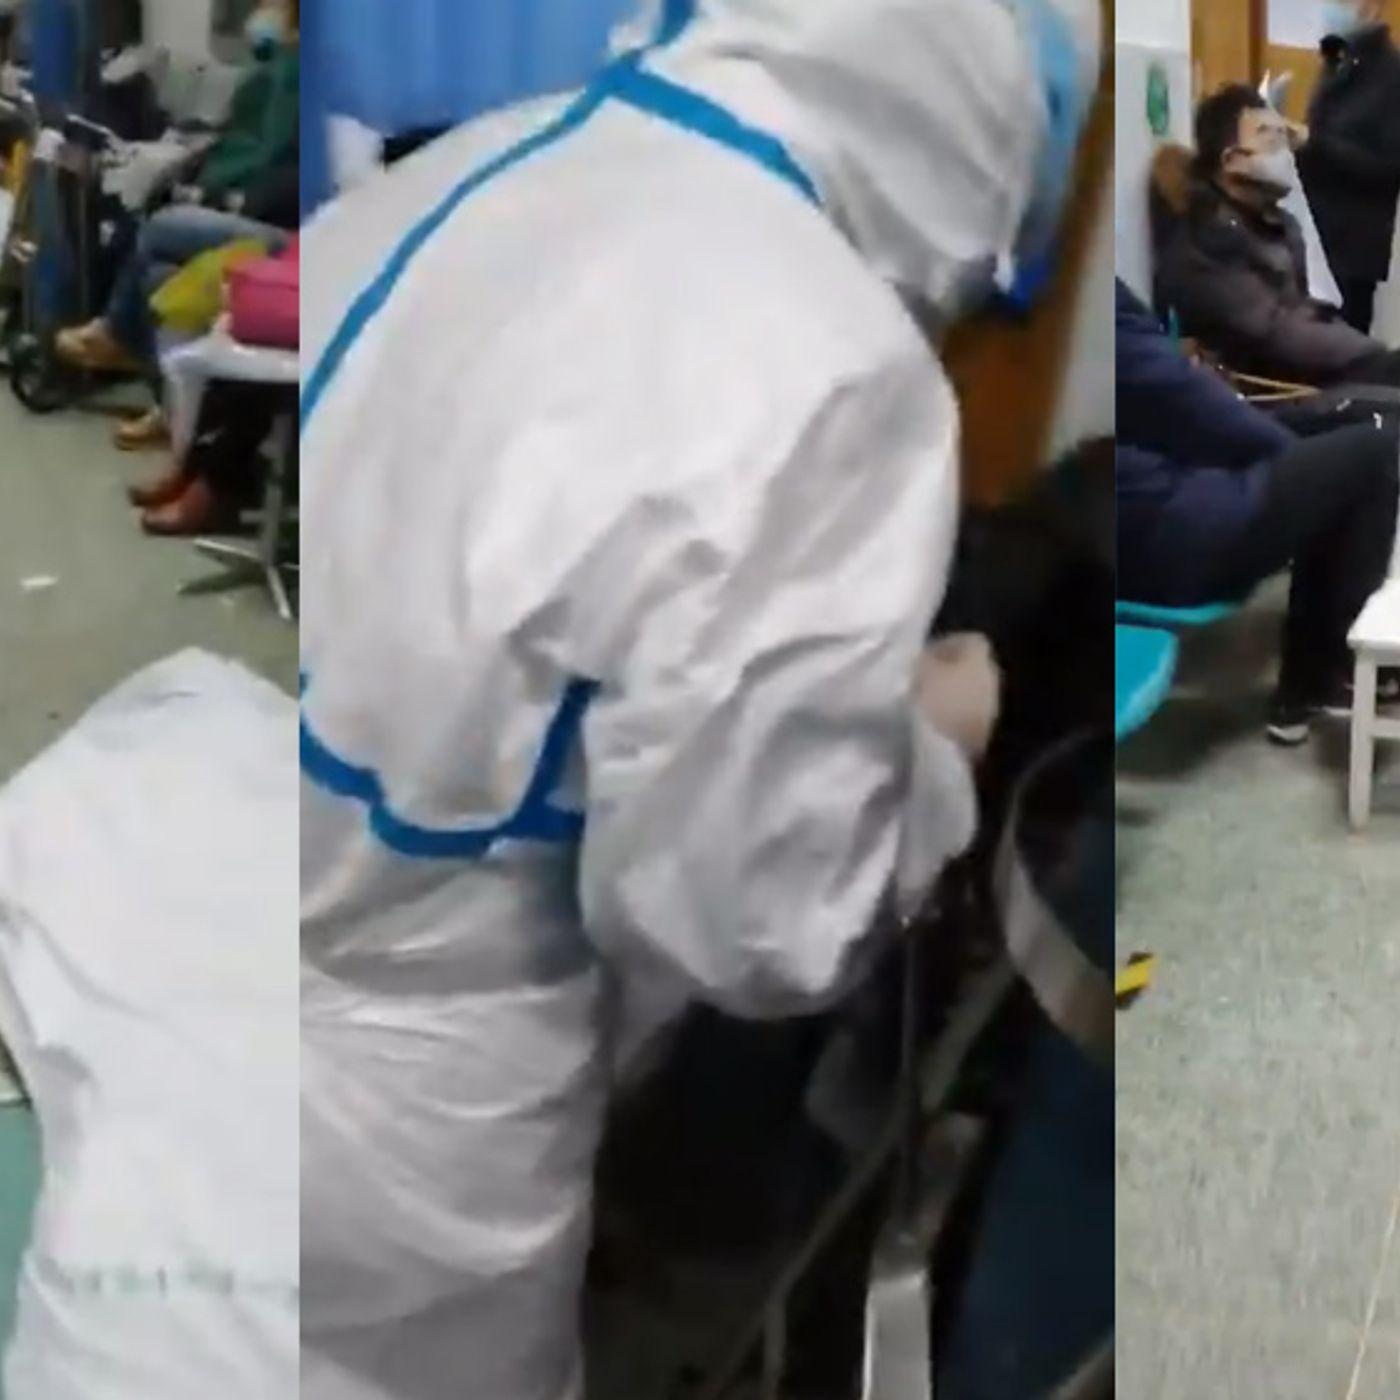 Second wave of coronavirus lockdowns return to China